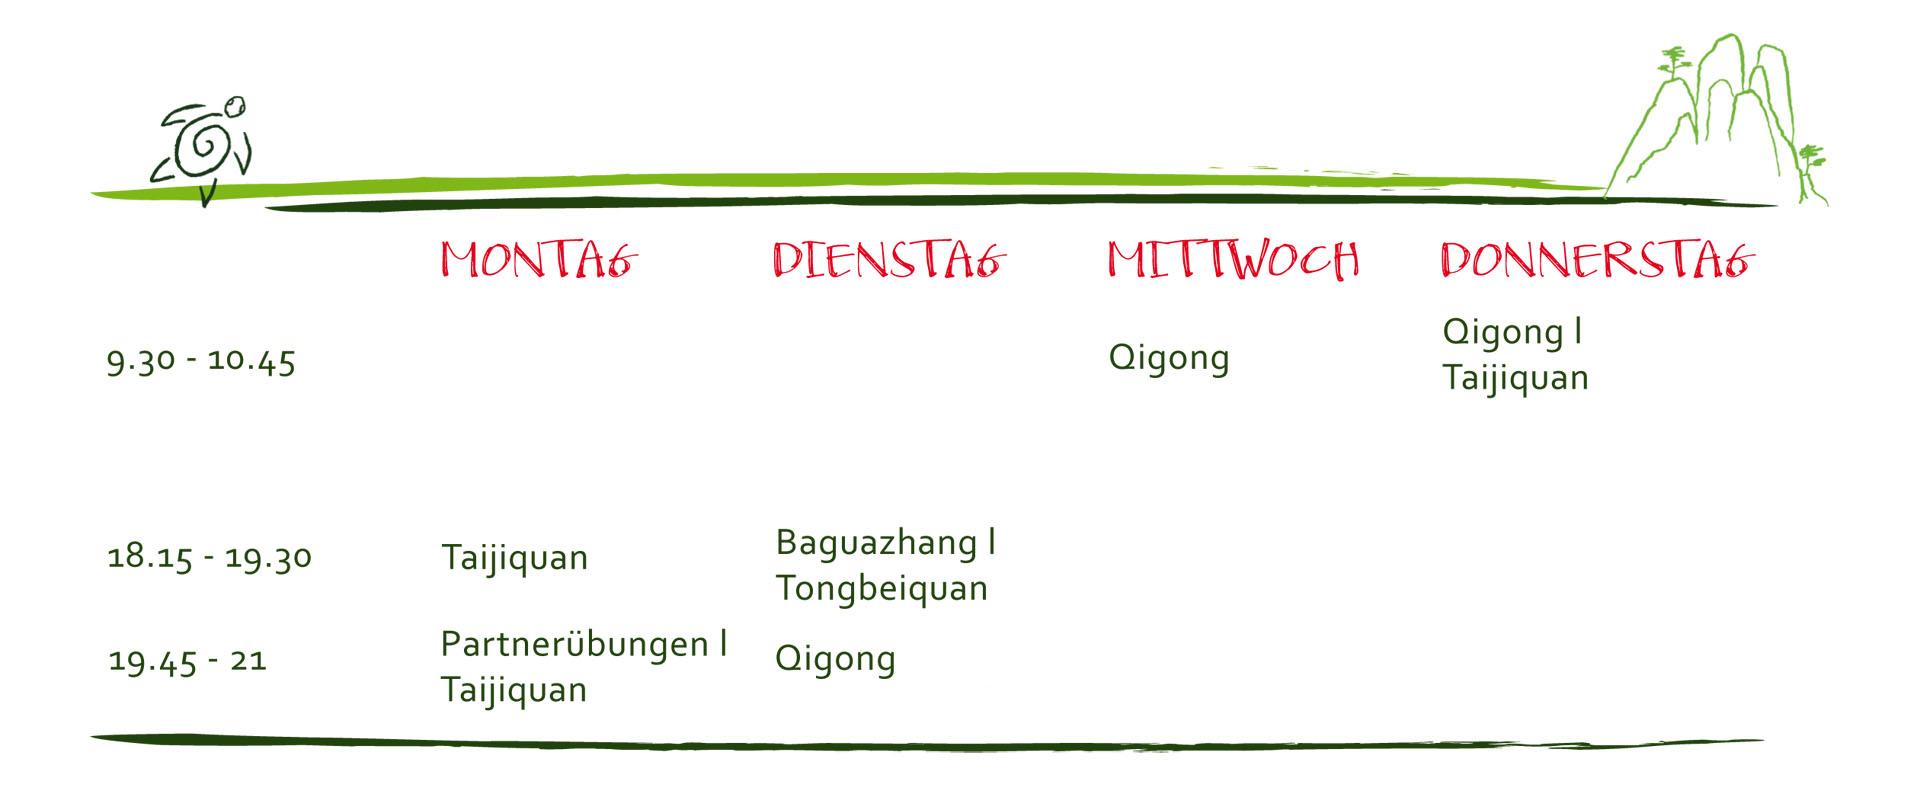 Stundenplan für Tai Chi, Qigong und Meditation, wöchentliche Kurse und Workshops in Göttingen.